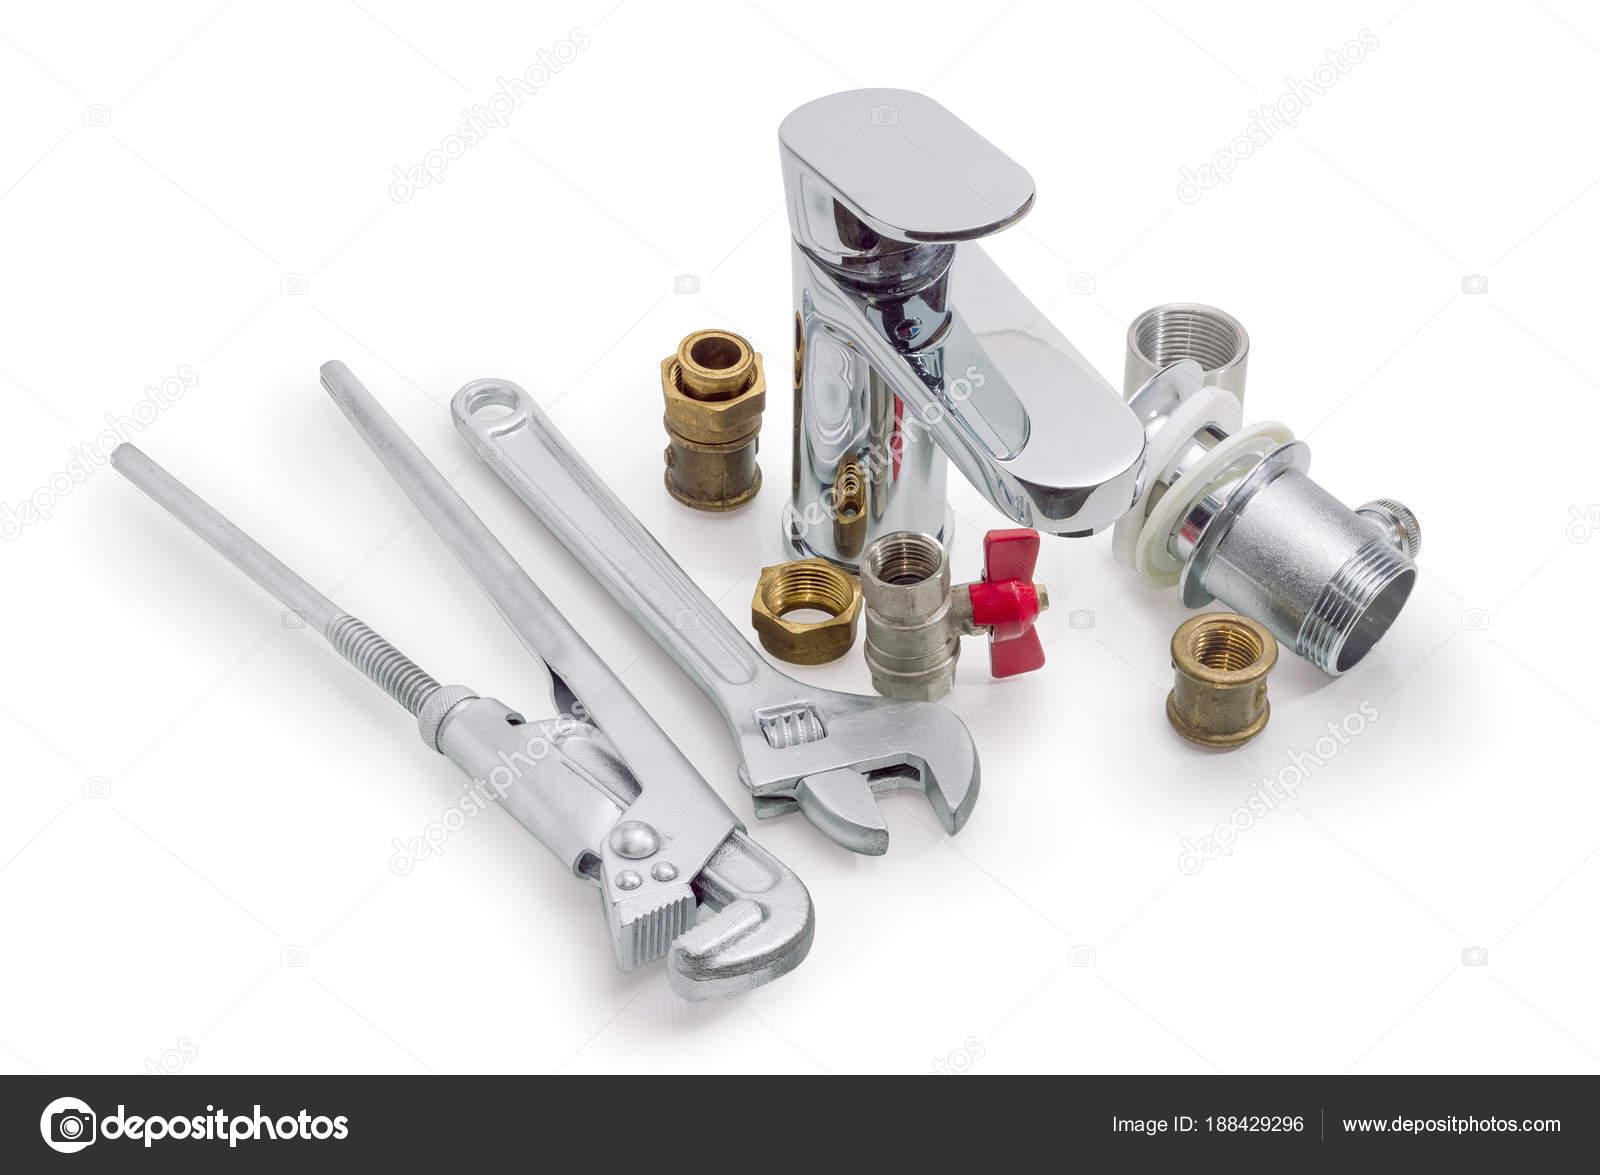 Omgaan met mengkraan sanitair onderdelen loodgieter moersleutel